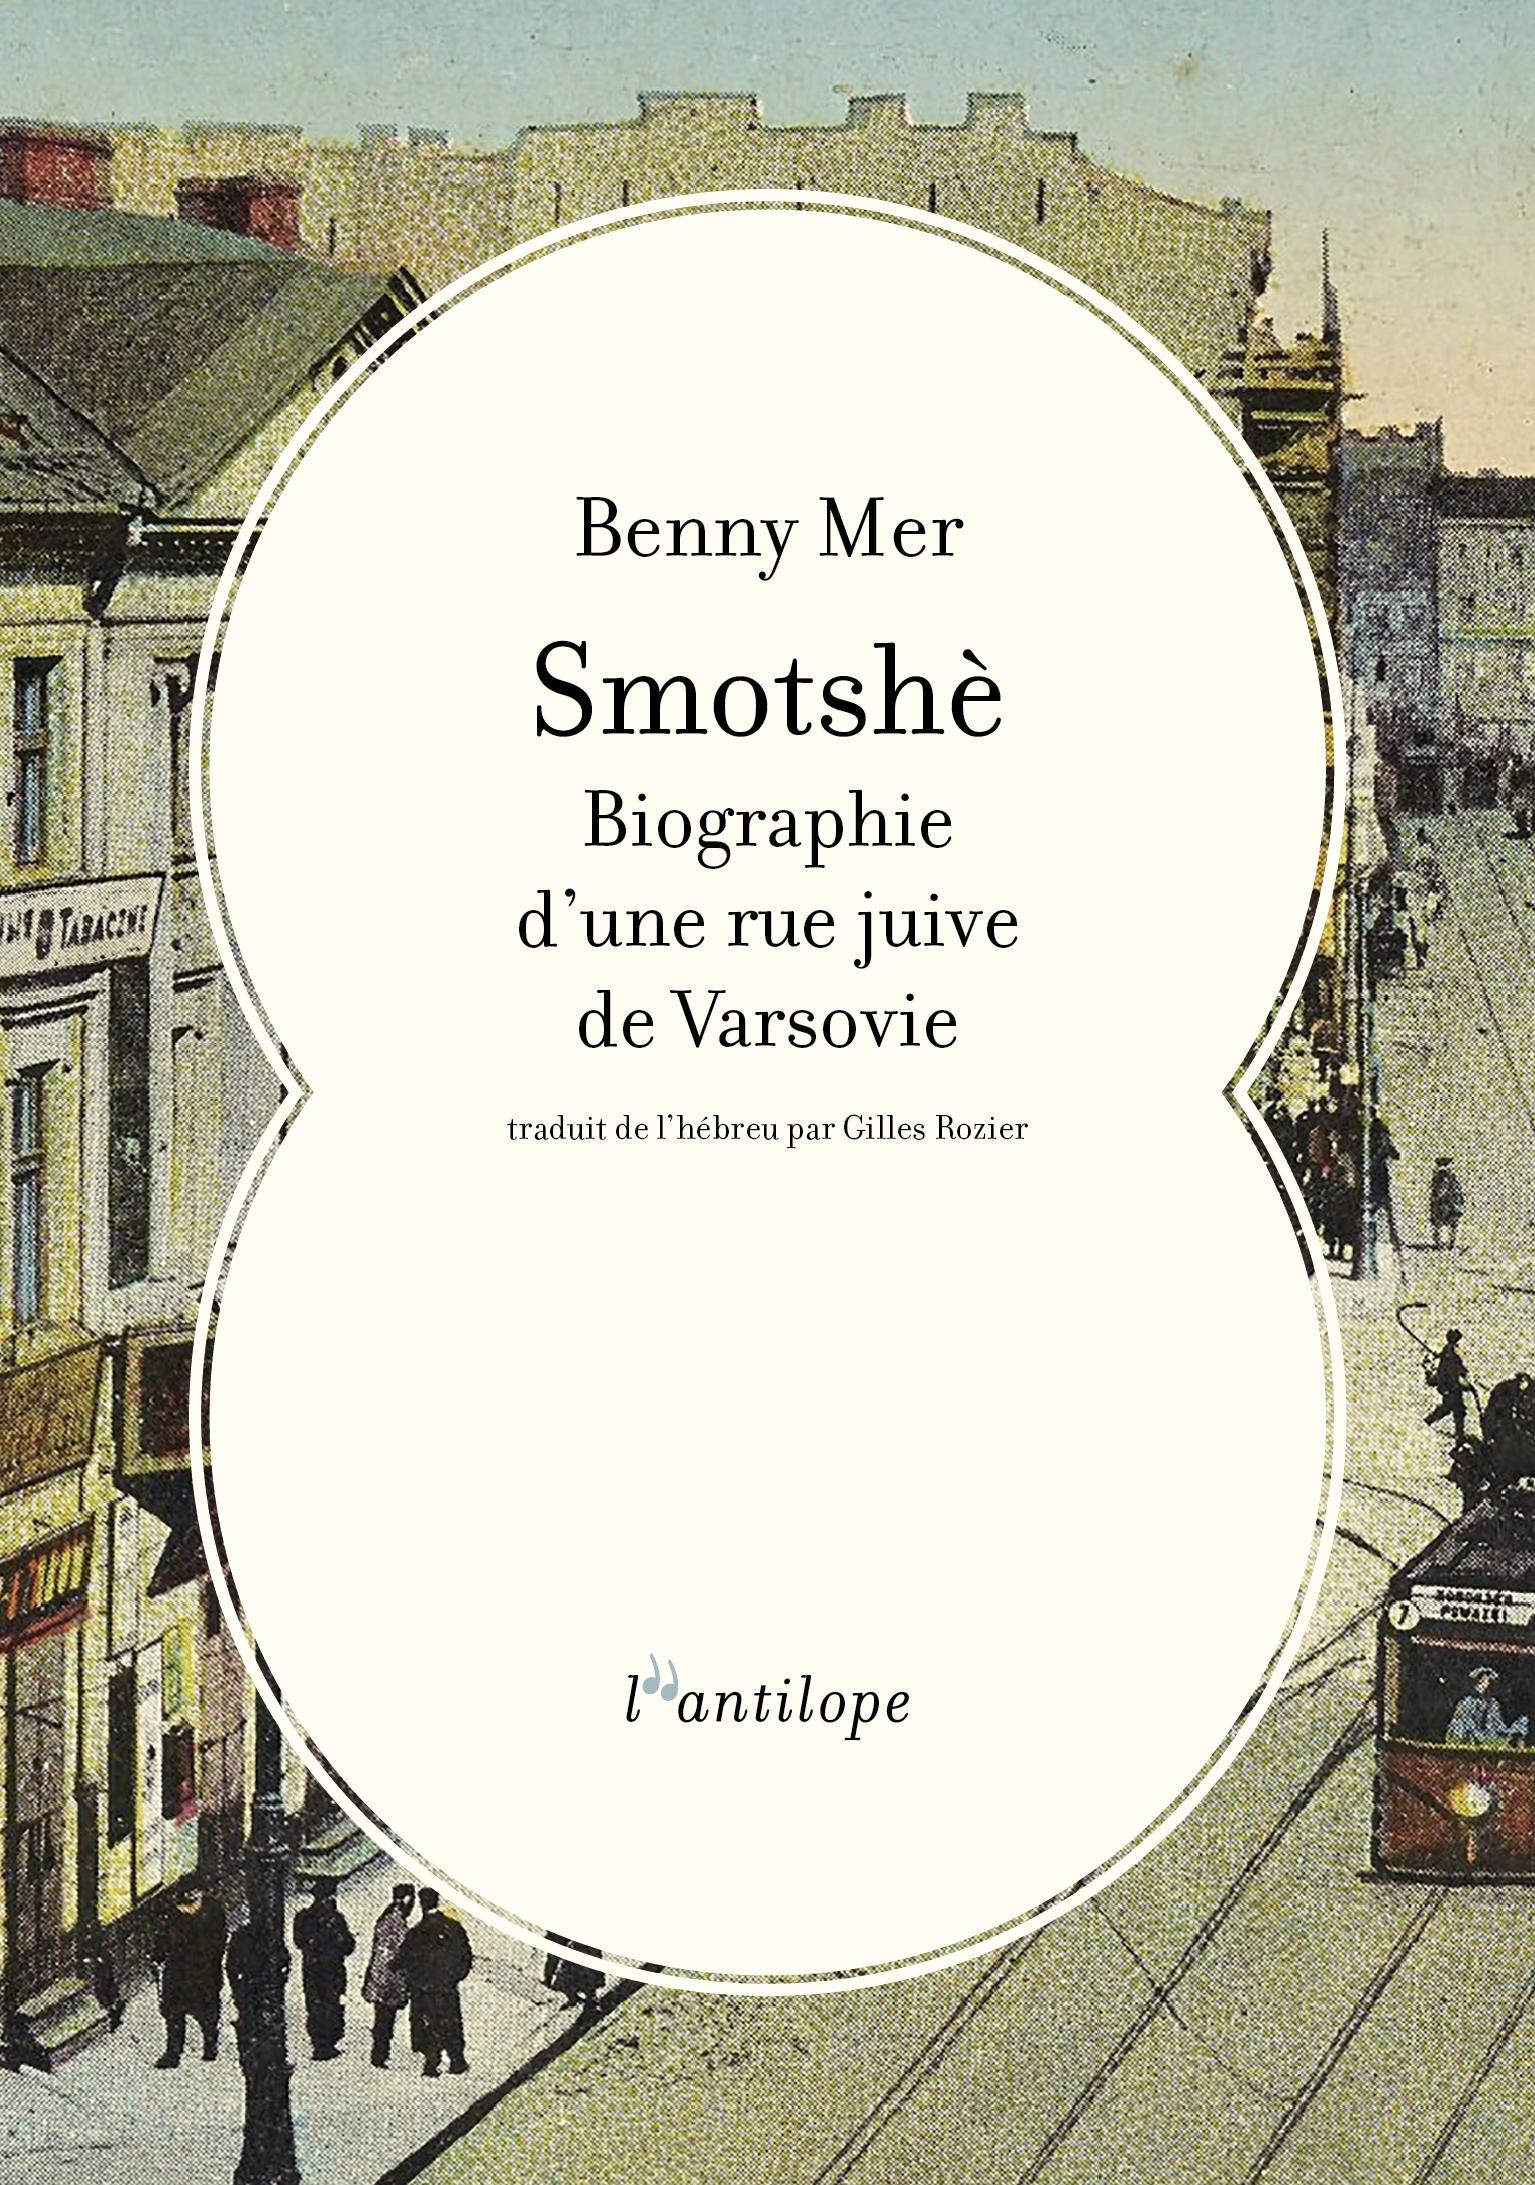 La rue Smotshè à Varsovie, avecBenny MeretGilles Rozier